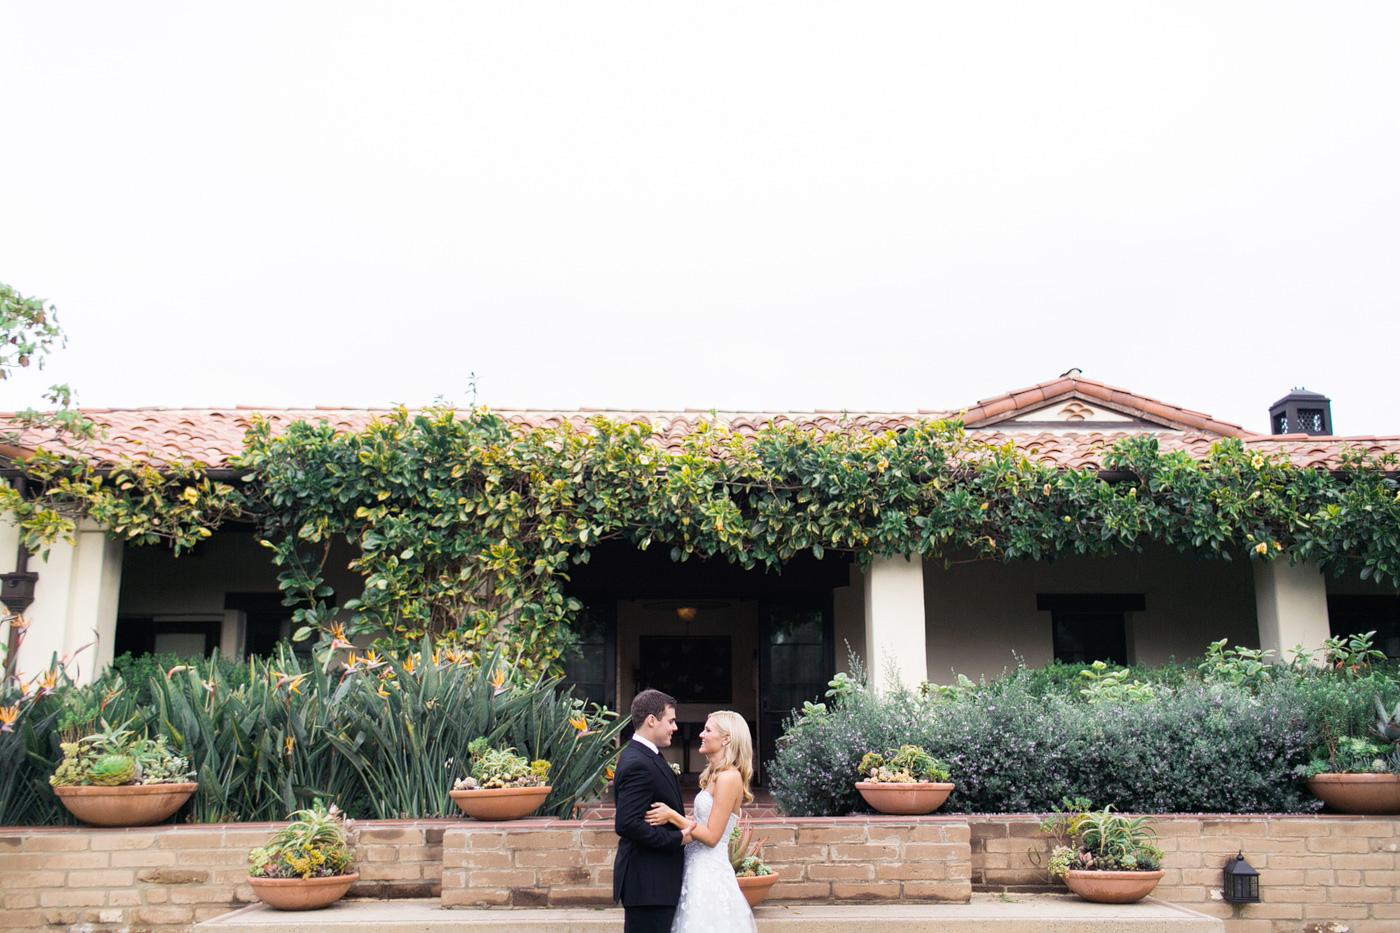 Estancia-La-Jolla-Wedding-15a